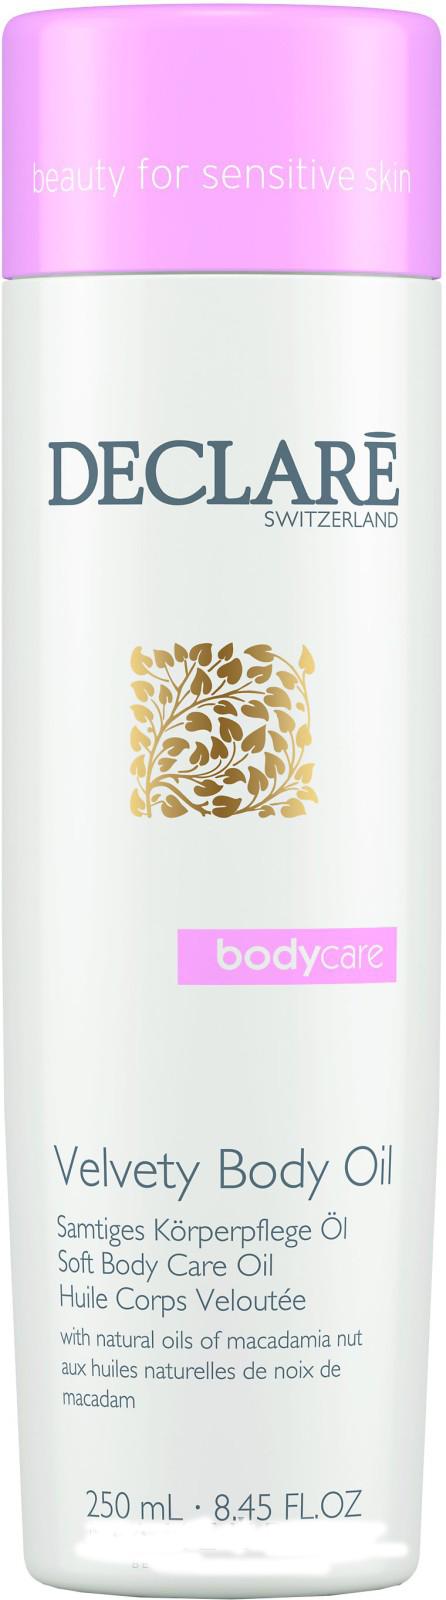 DECLARE Масло увлажняющее для тела Прикосновение бархата / Velvety Body Oil 250млМасла<br>Масло для тела Прикосновение бархата питает и великолепно увлажняет самую требовательную кожу, обеспечивает оптимальный комфорт и гладкость, устраняет раздражение и шелушение. Тонкий сбалансированный аромат клюквы, черной смородины, ландыша и мускуса дарит коже ощущение свежести. Способ применения: небольшое количество средства нанести мягкими круговыми движениями на кожу после принятия ванны или душа. Активные ингредиенты:   Масло макадами   Масло бурачника   Масло из семян клюквы   Масло из семян подсолнечника   Экстракт розмарина<br><br>Объем: 250 мл